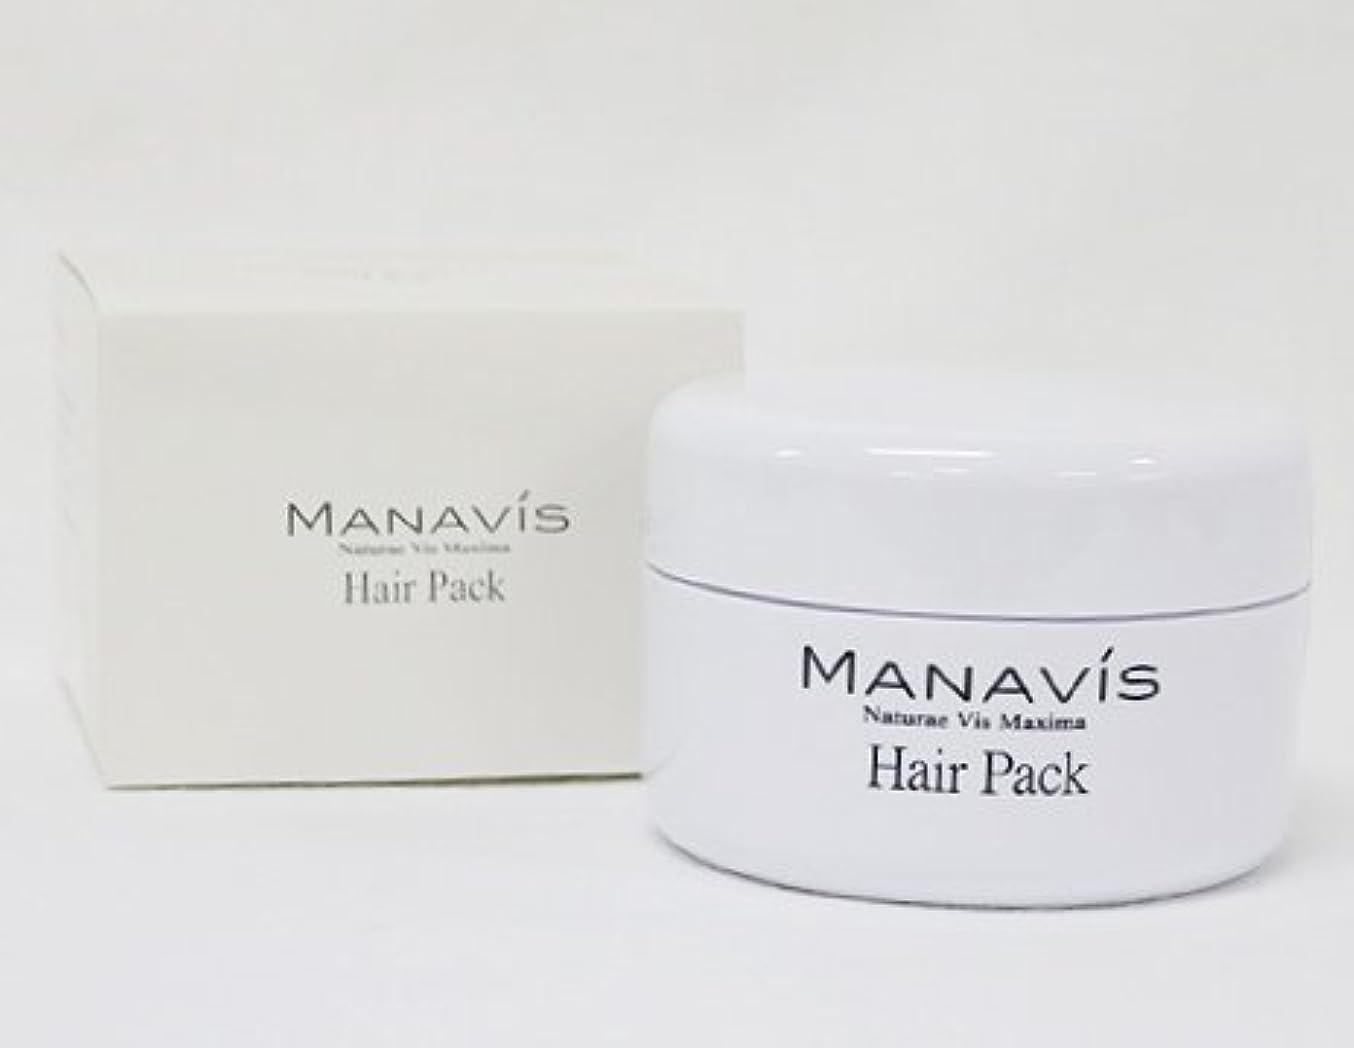 佐賀人差し指意見MANAVIS マナビス化粧品 マナビス ヘアパック  (洗い流すタイプ)